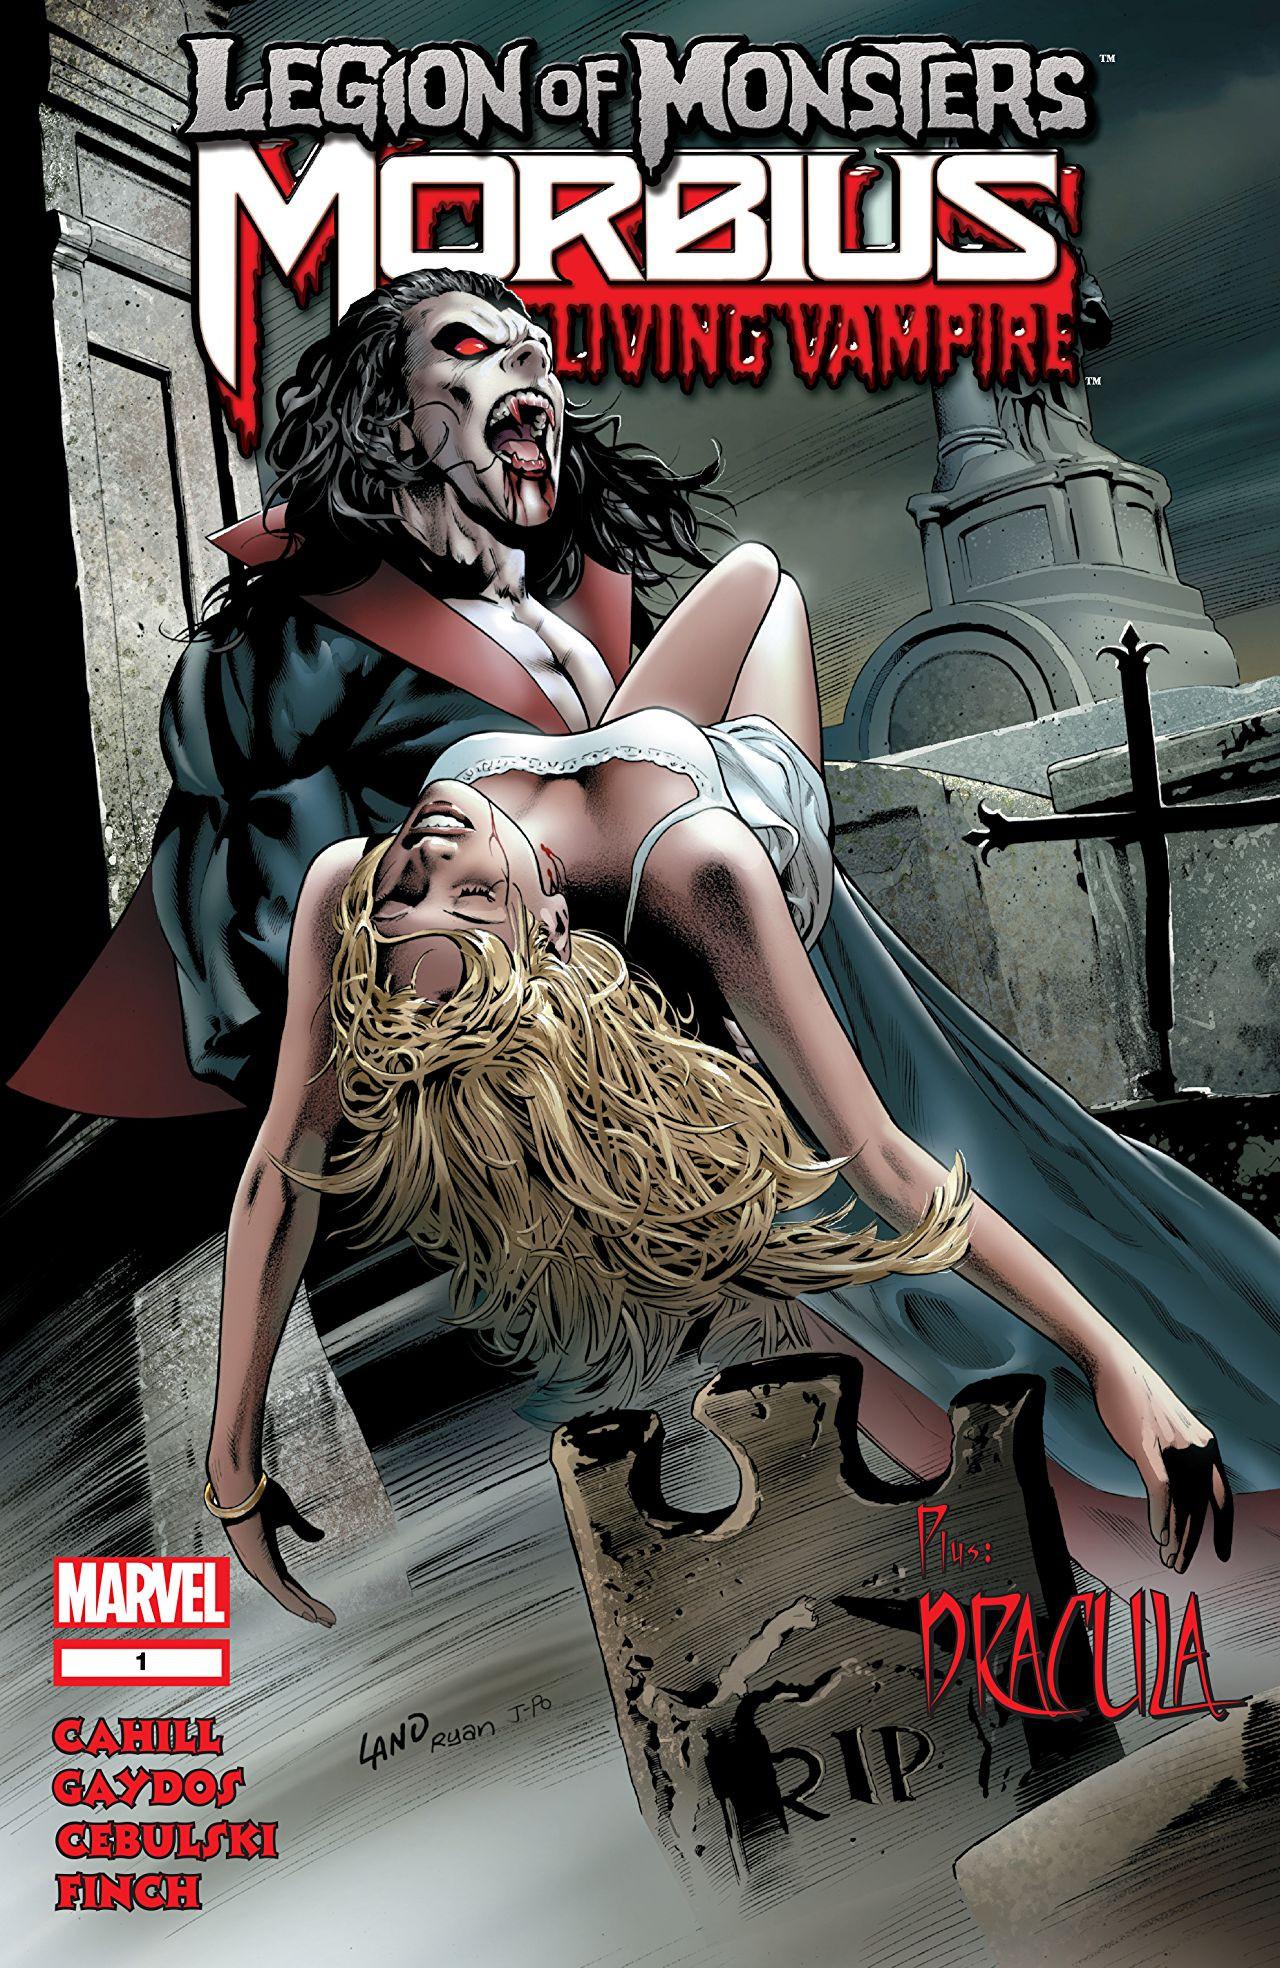 Legion of Monsters: Morbius Vol 1 1